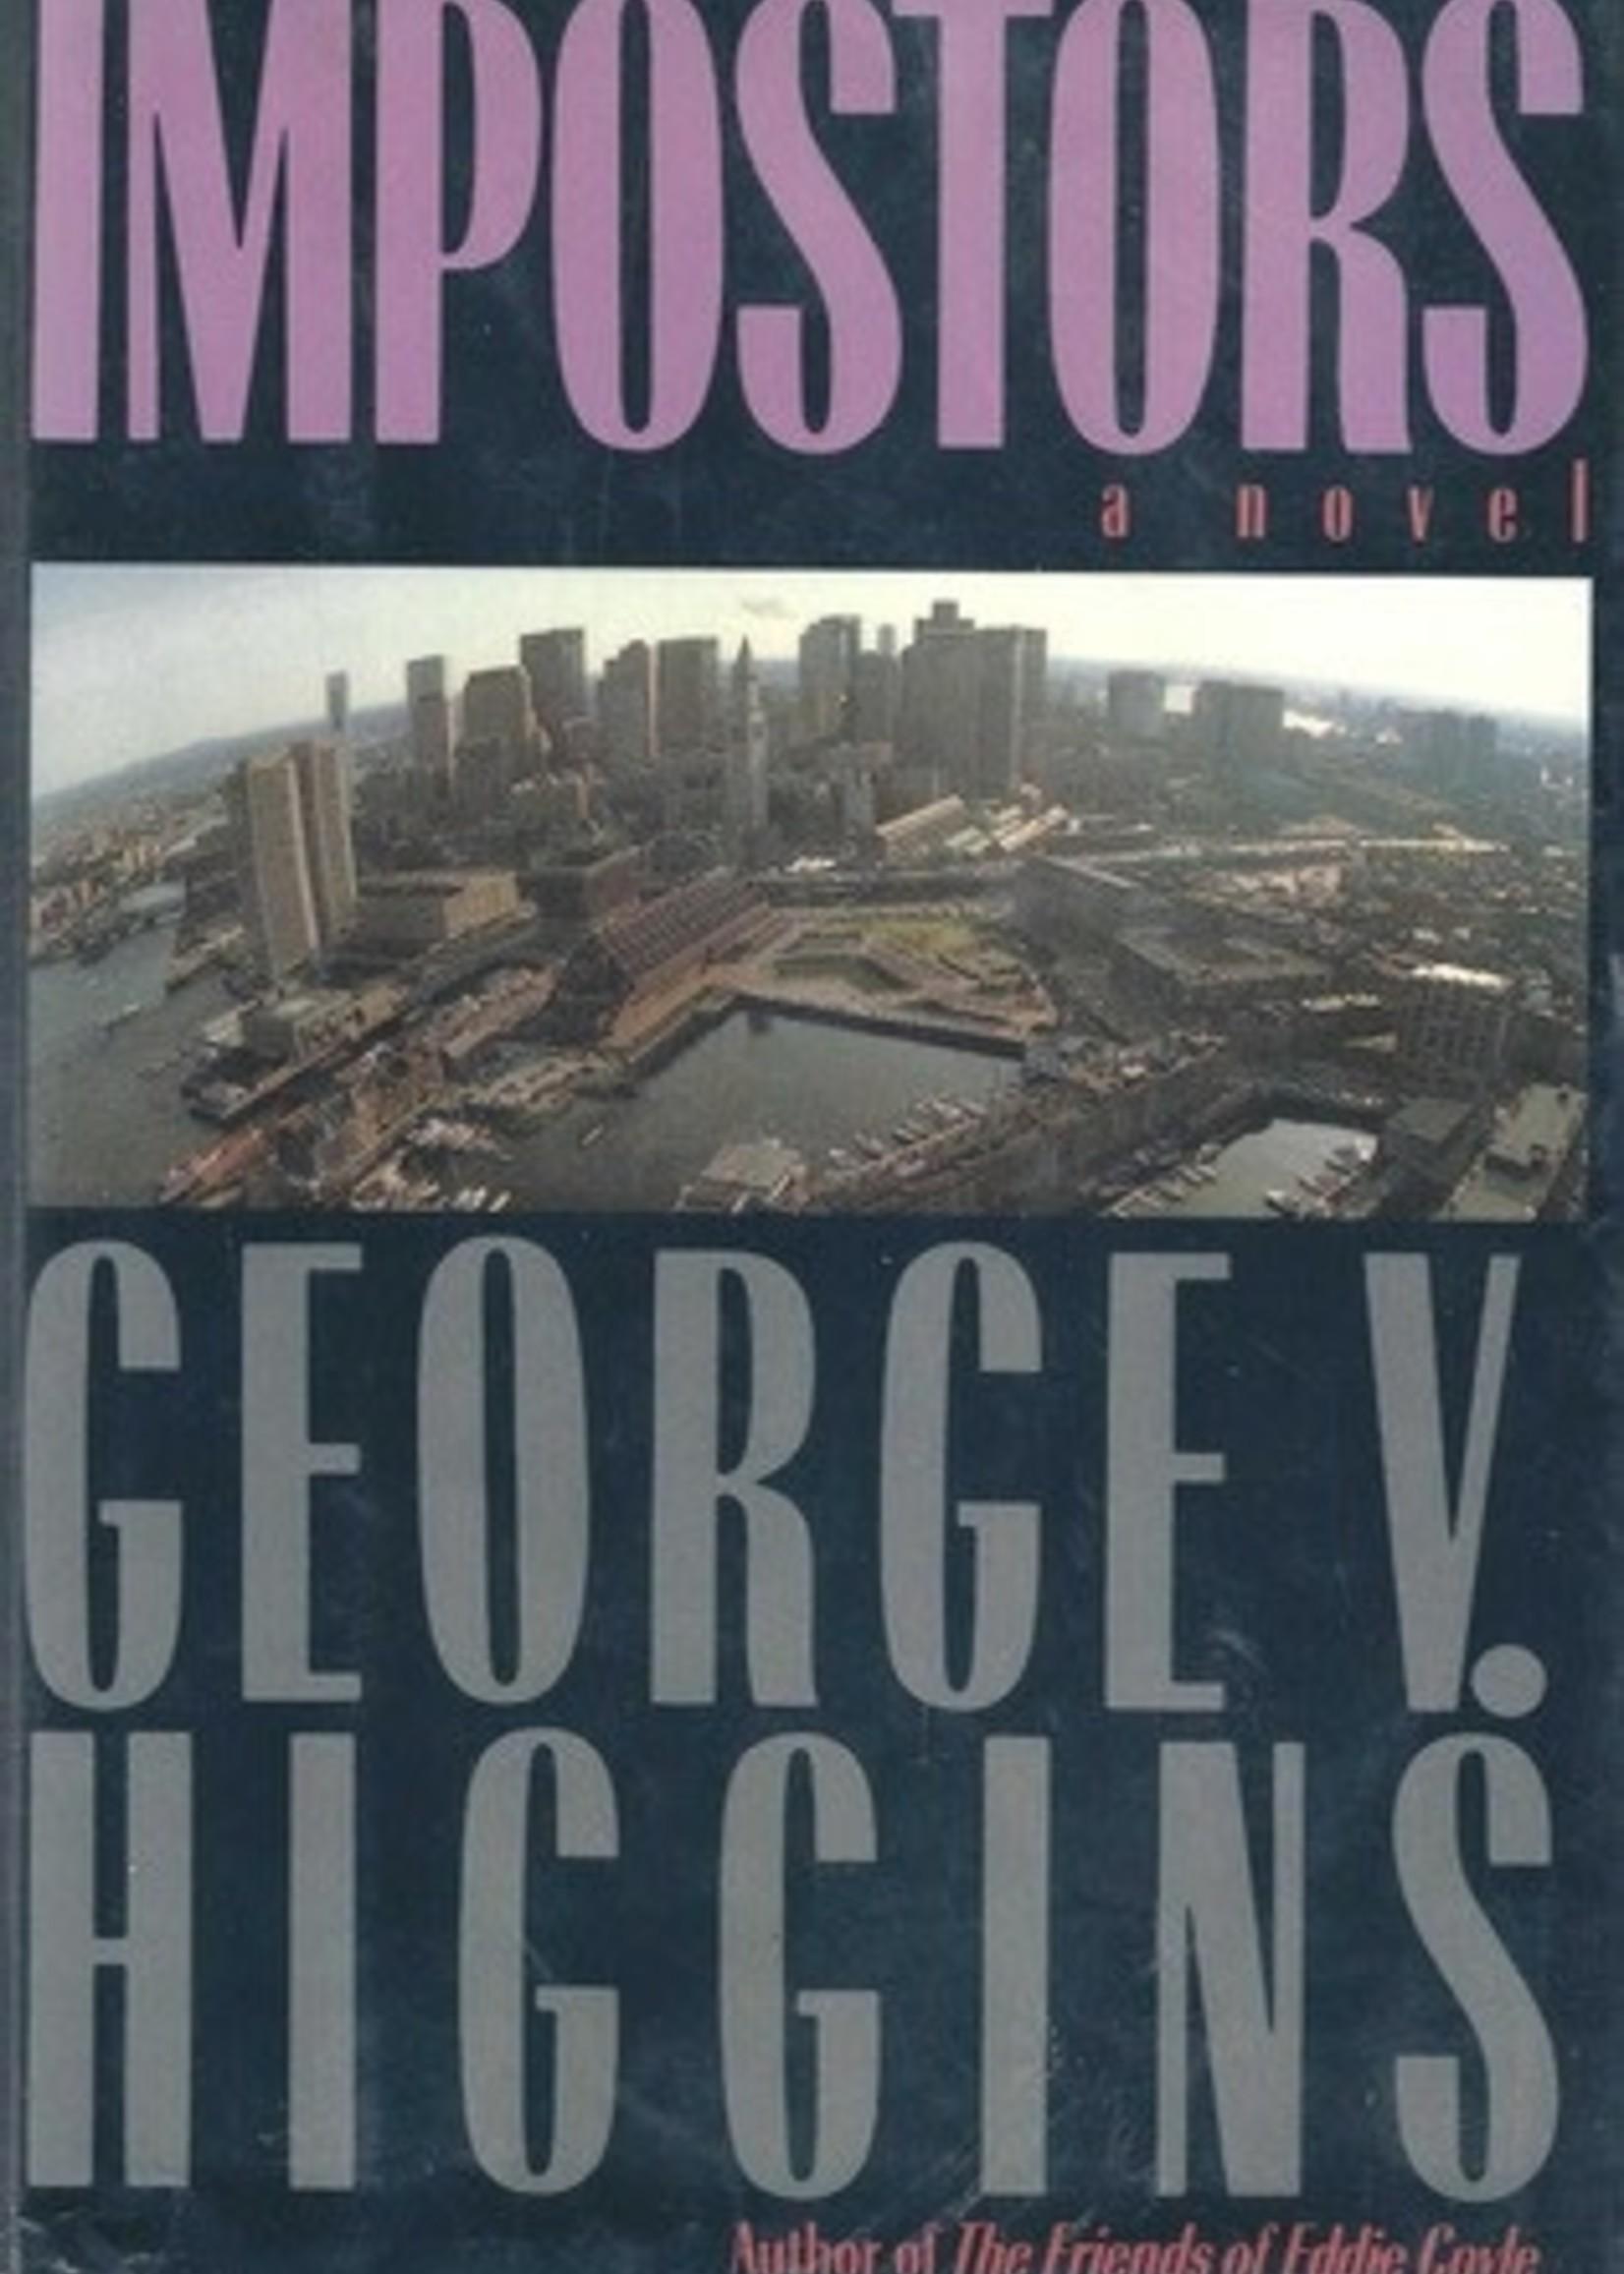 USED - Imposters by George Lee Higgins